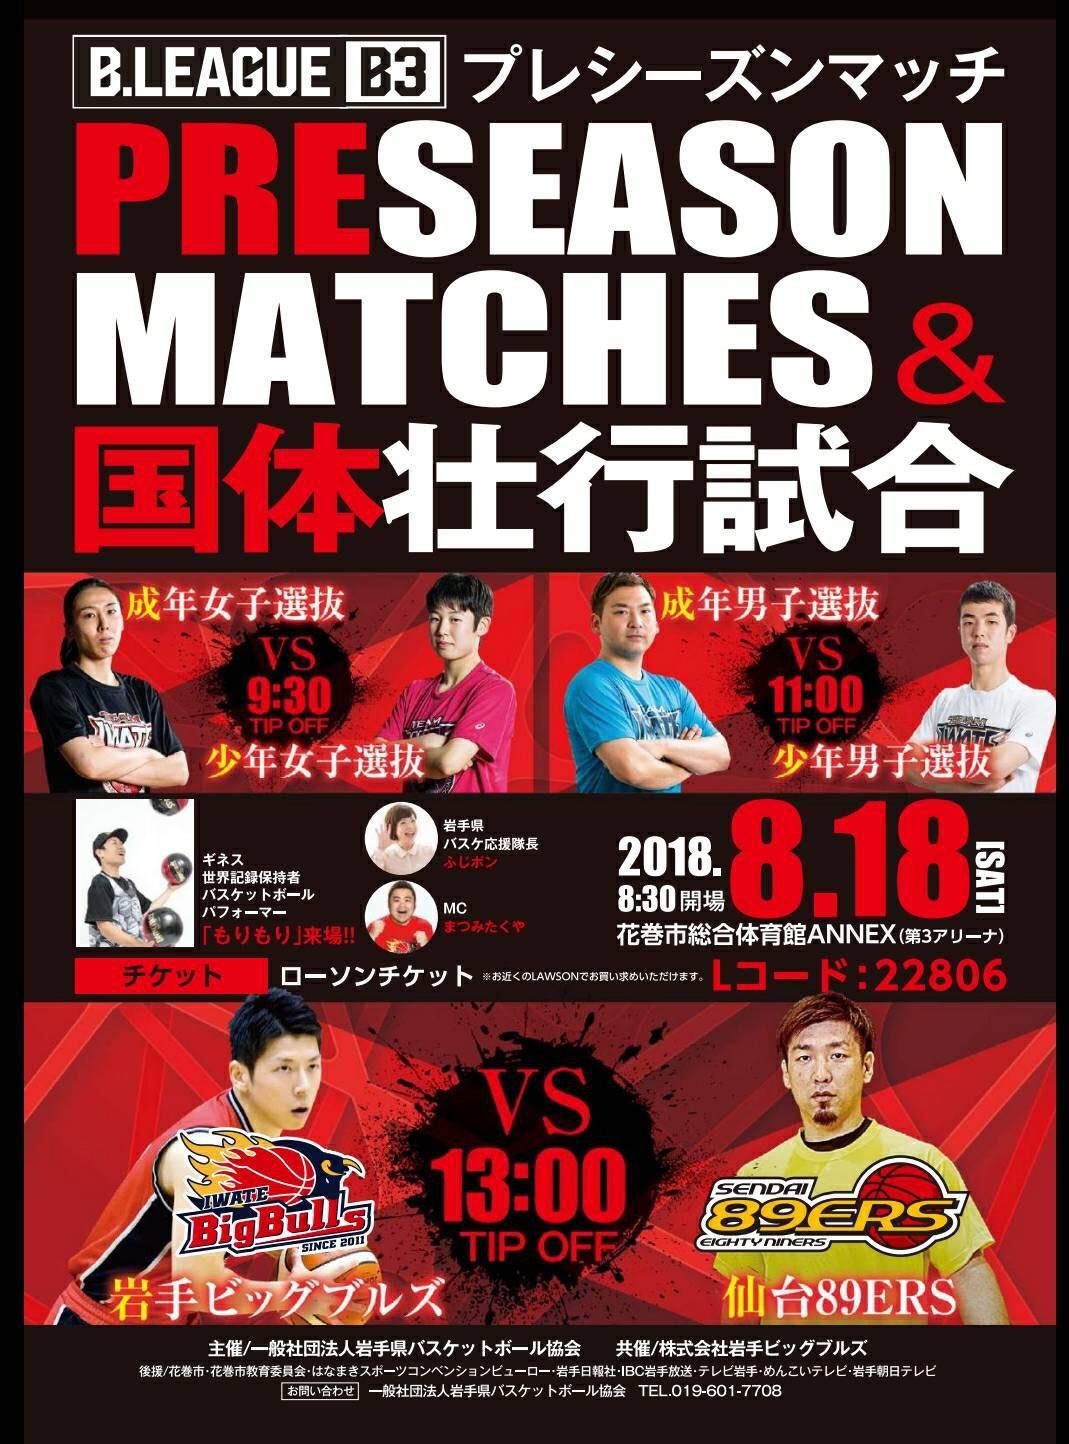 岩手へ★Bリーグプレシーズンマッチ&国体壮行試合にて!